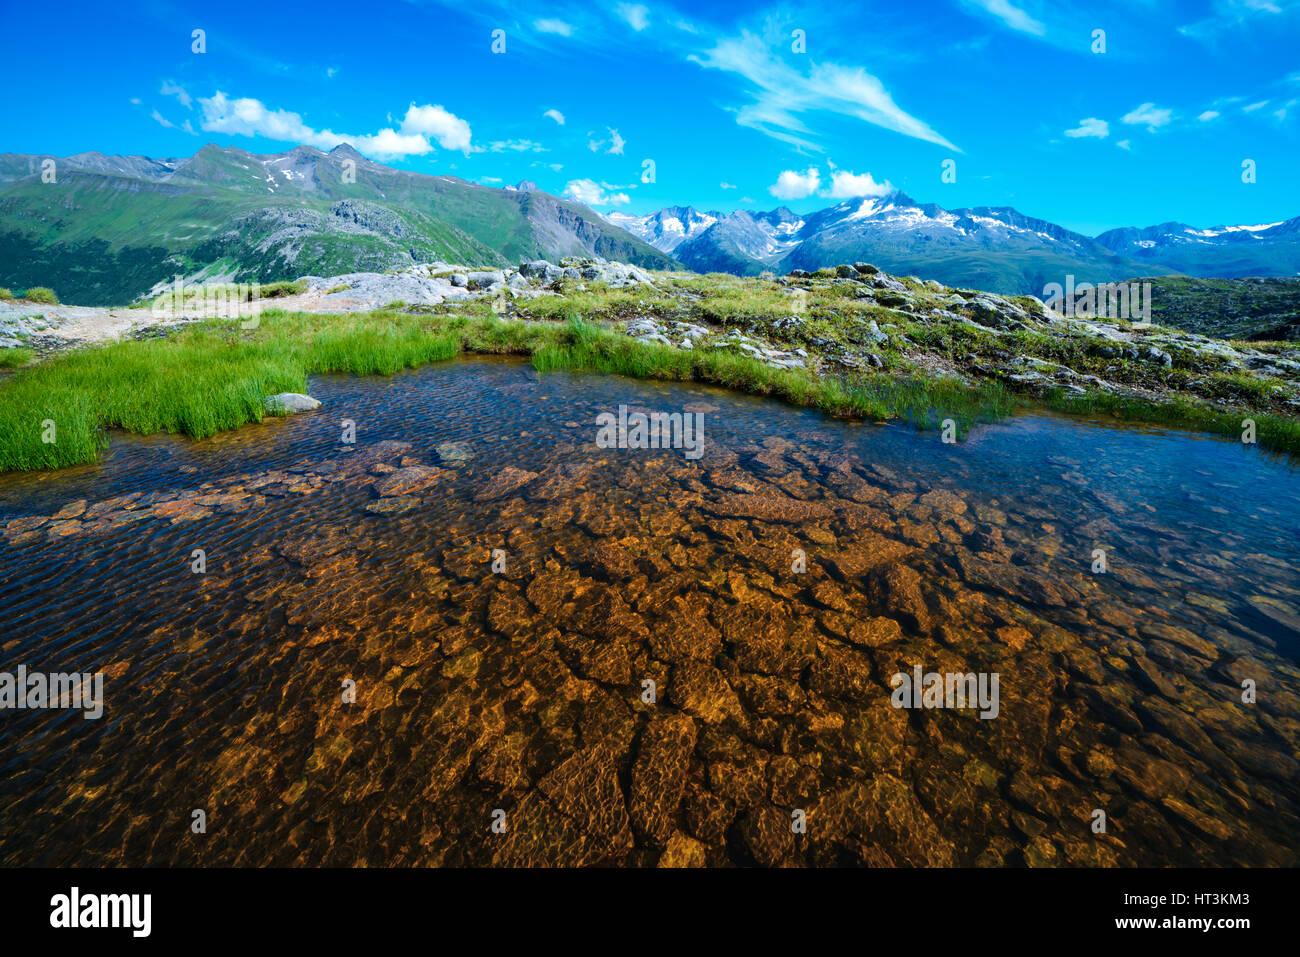 Magnifique vue sur petit lac près de Totensee lac sur le haut de Grimselpass. Alpes, Suisse, Europe. Photo Stock